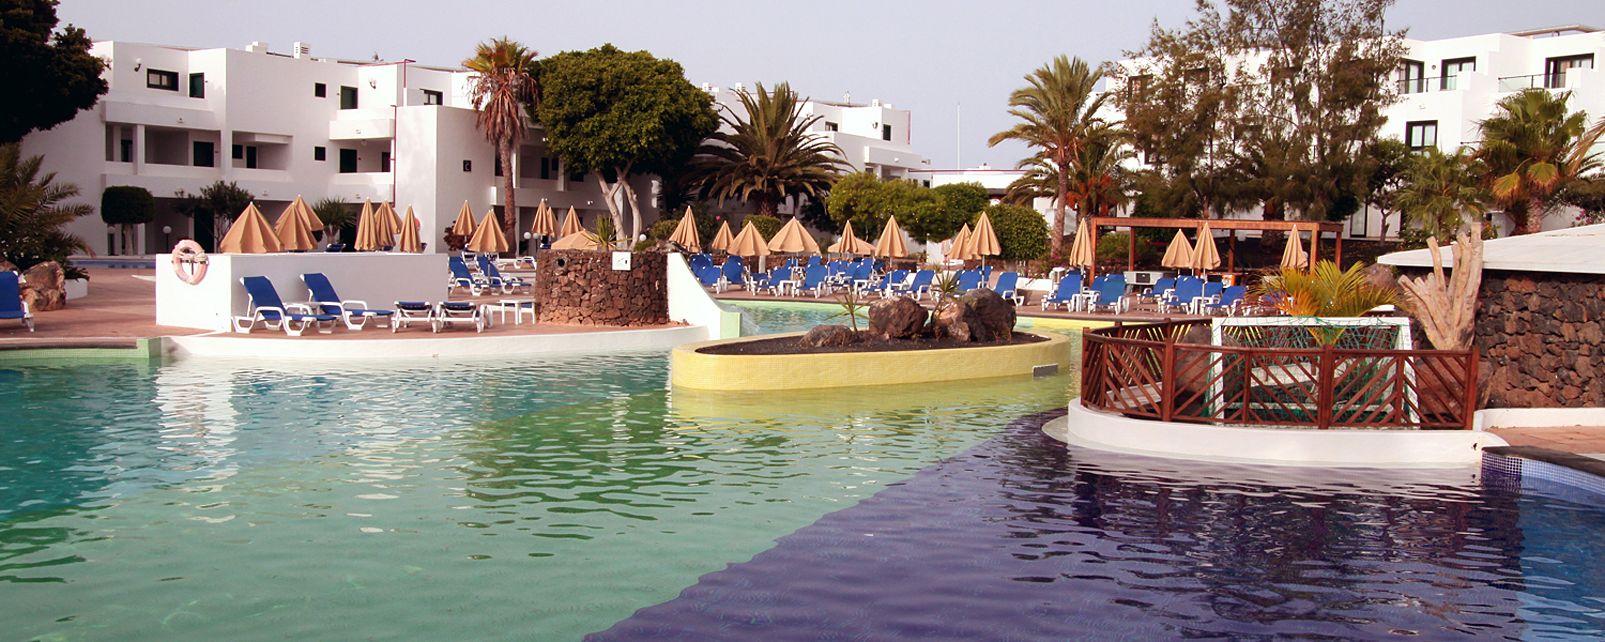 Hôtel HOTETUR LANZAROTE BAY